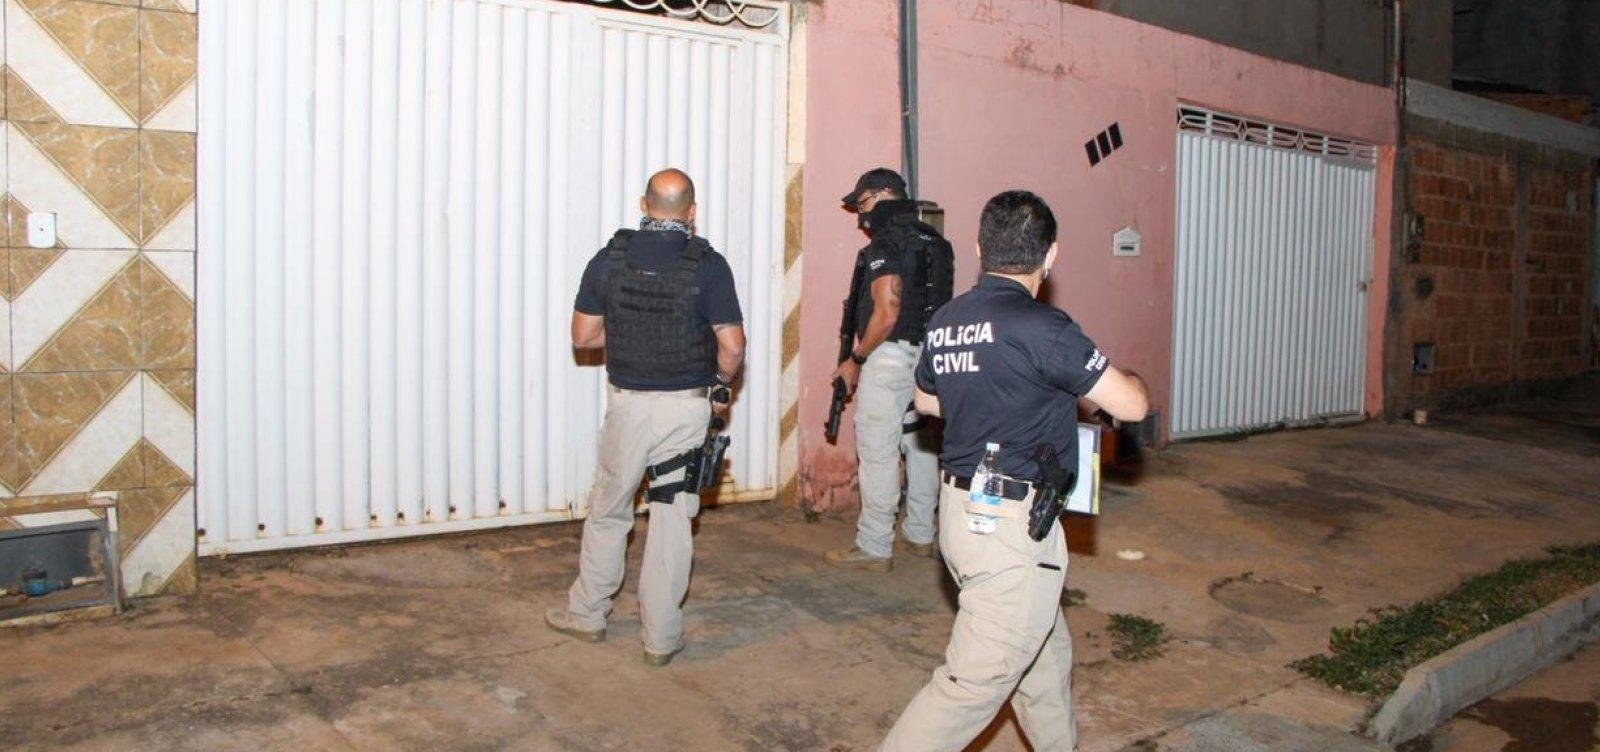 Operação prende cinco pessoas suspeitas de envolvimento em morte de empresário